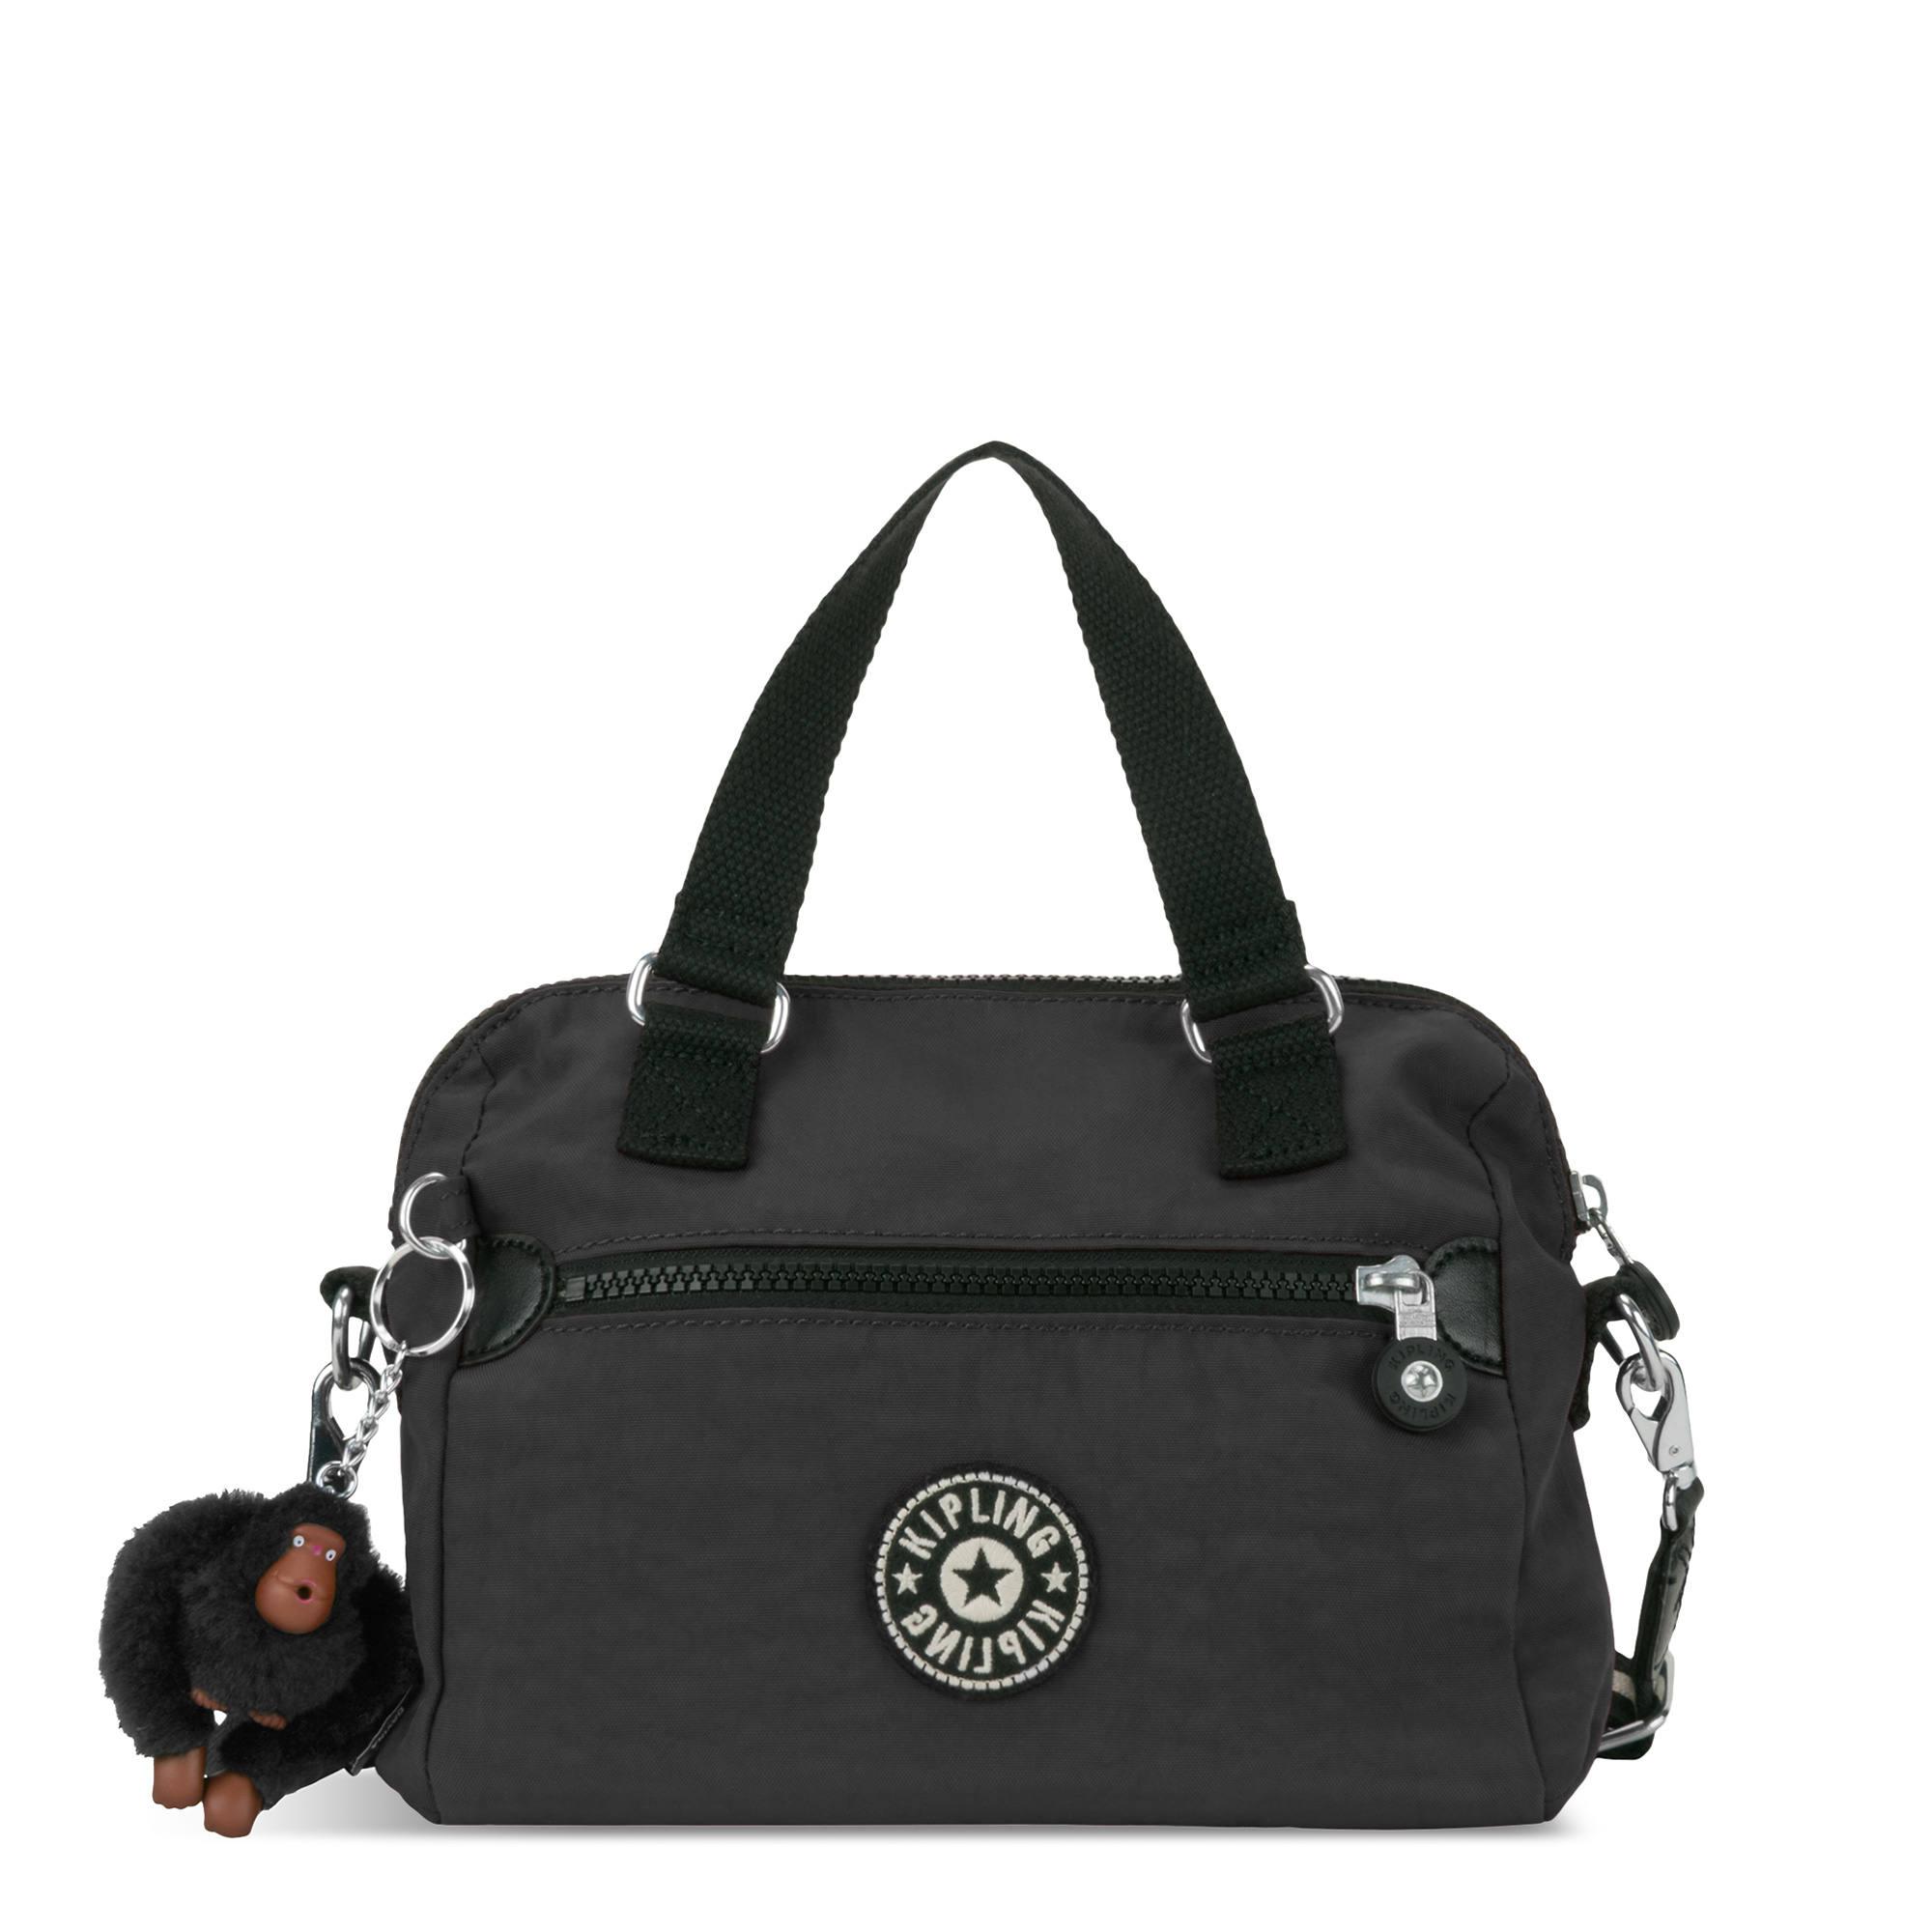 Sisi Handbag Black Large